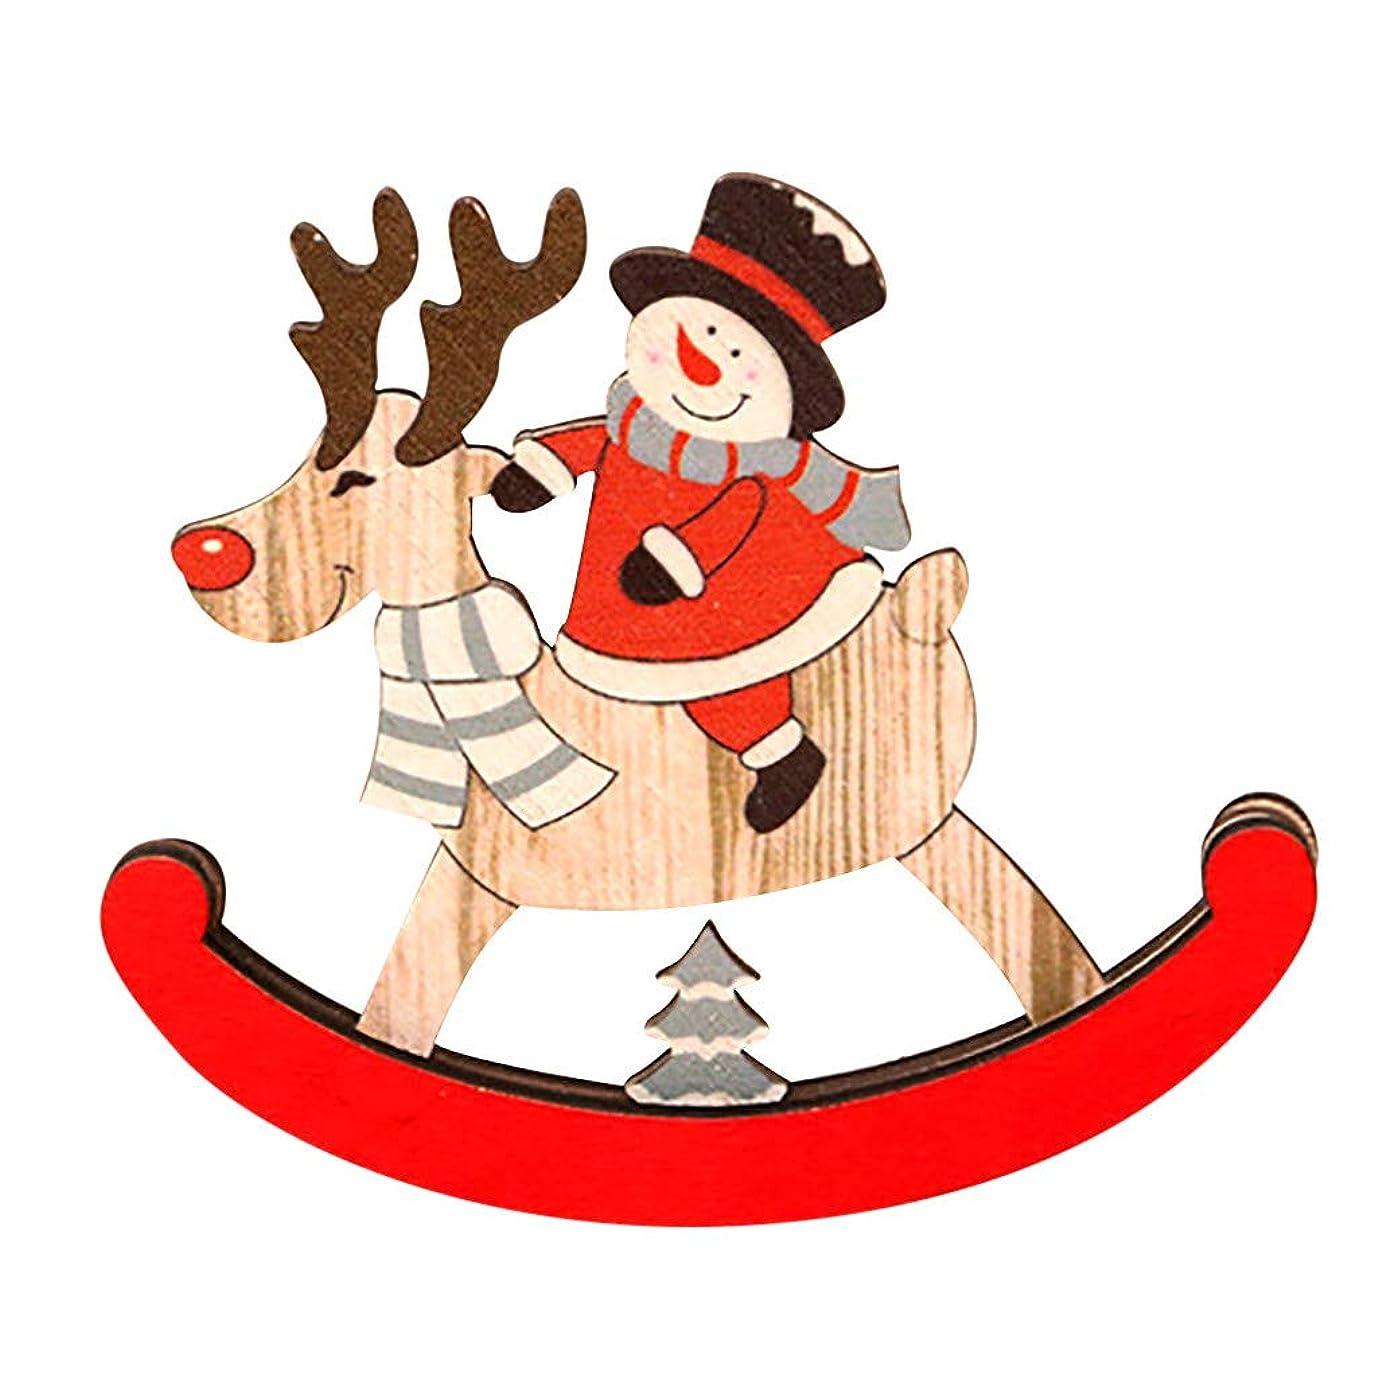 変数不機嫌そうな獣ボコダダ(Vocodada)クリスマス 飾り 装飾 木製ペンダント クリスマスツリー 木製タグ クリスマスデコレーション 人気 ペンダント DIY 雰囲気満載 吊り装飾用 クリスマスツリー飾り ドアの装飾 ホーム インテリア飾り 祝日 贈り物 家装飾 店舗装飾